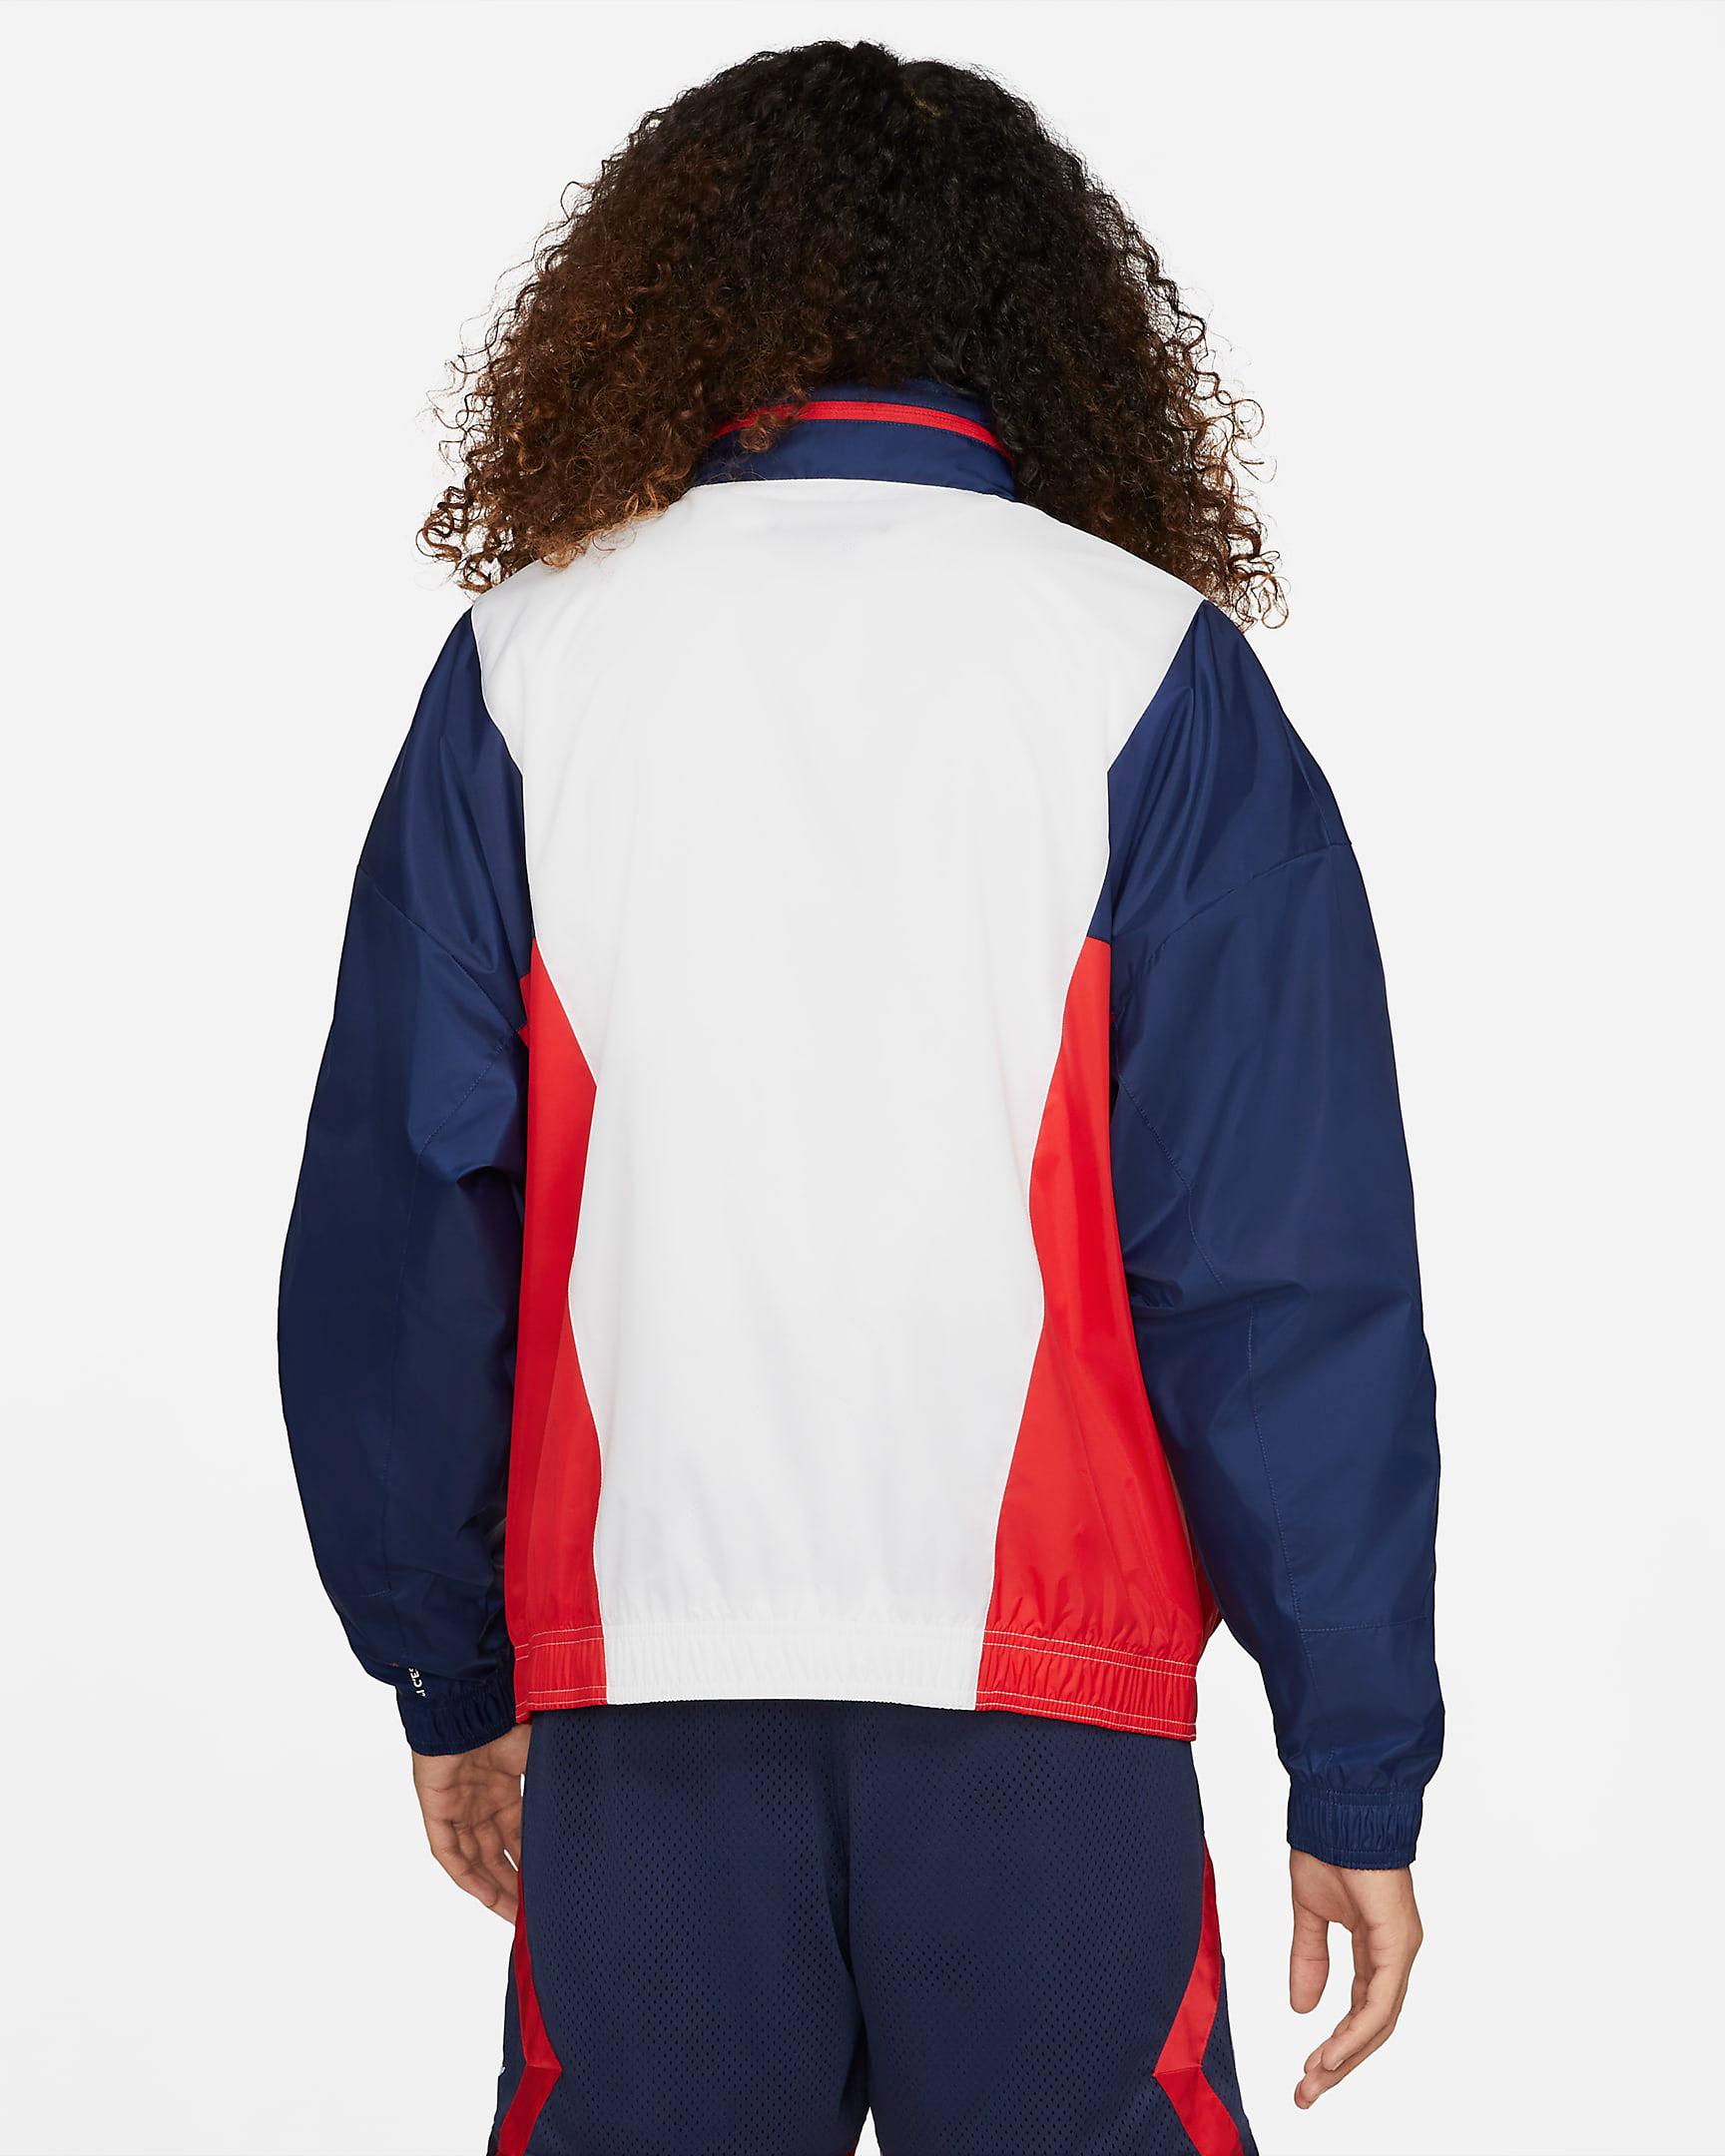 air-jordan-7-psg-jacket-2